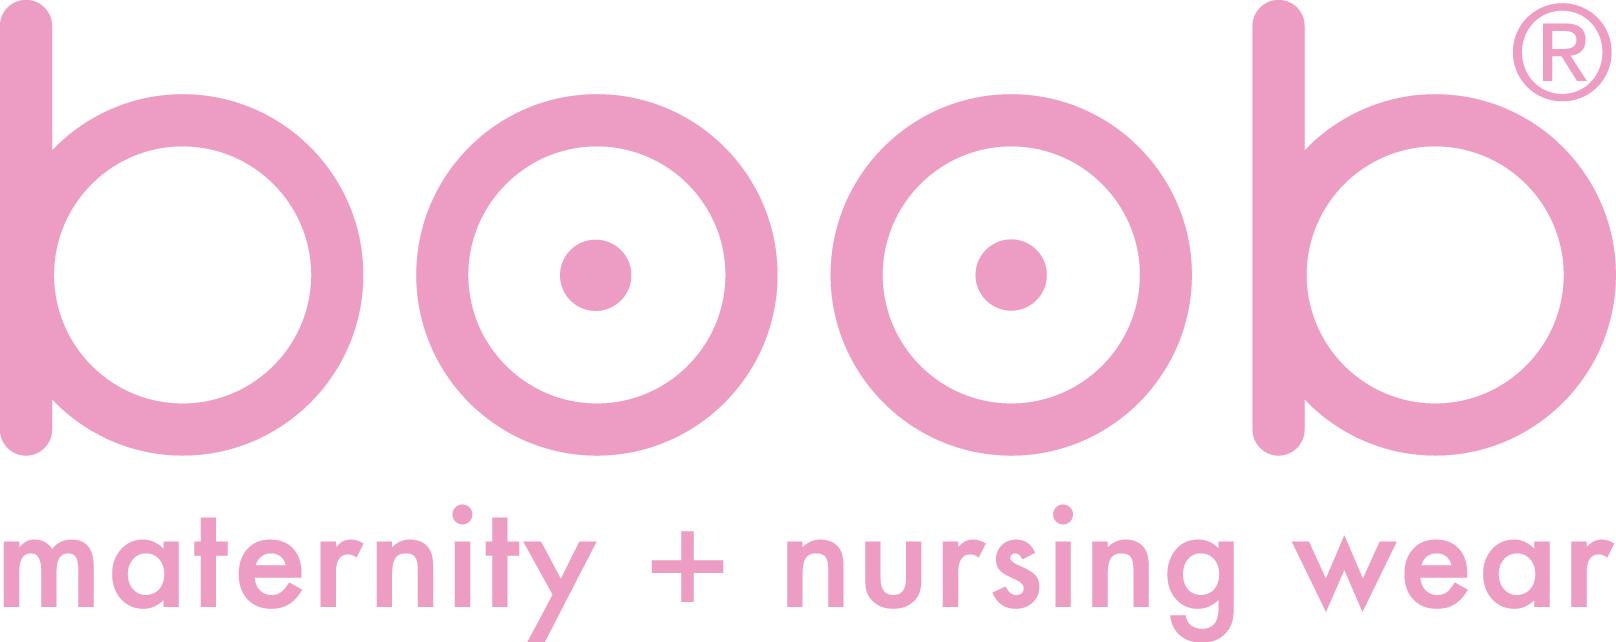 Boob_PinkLogo_Mat-Nursing